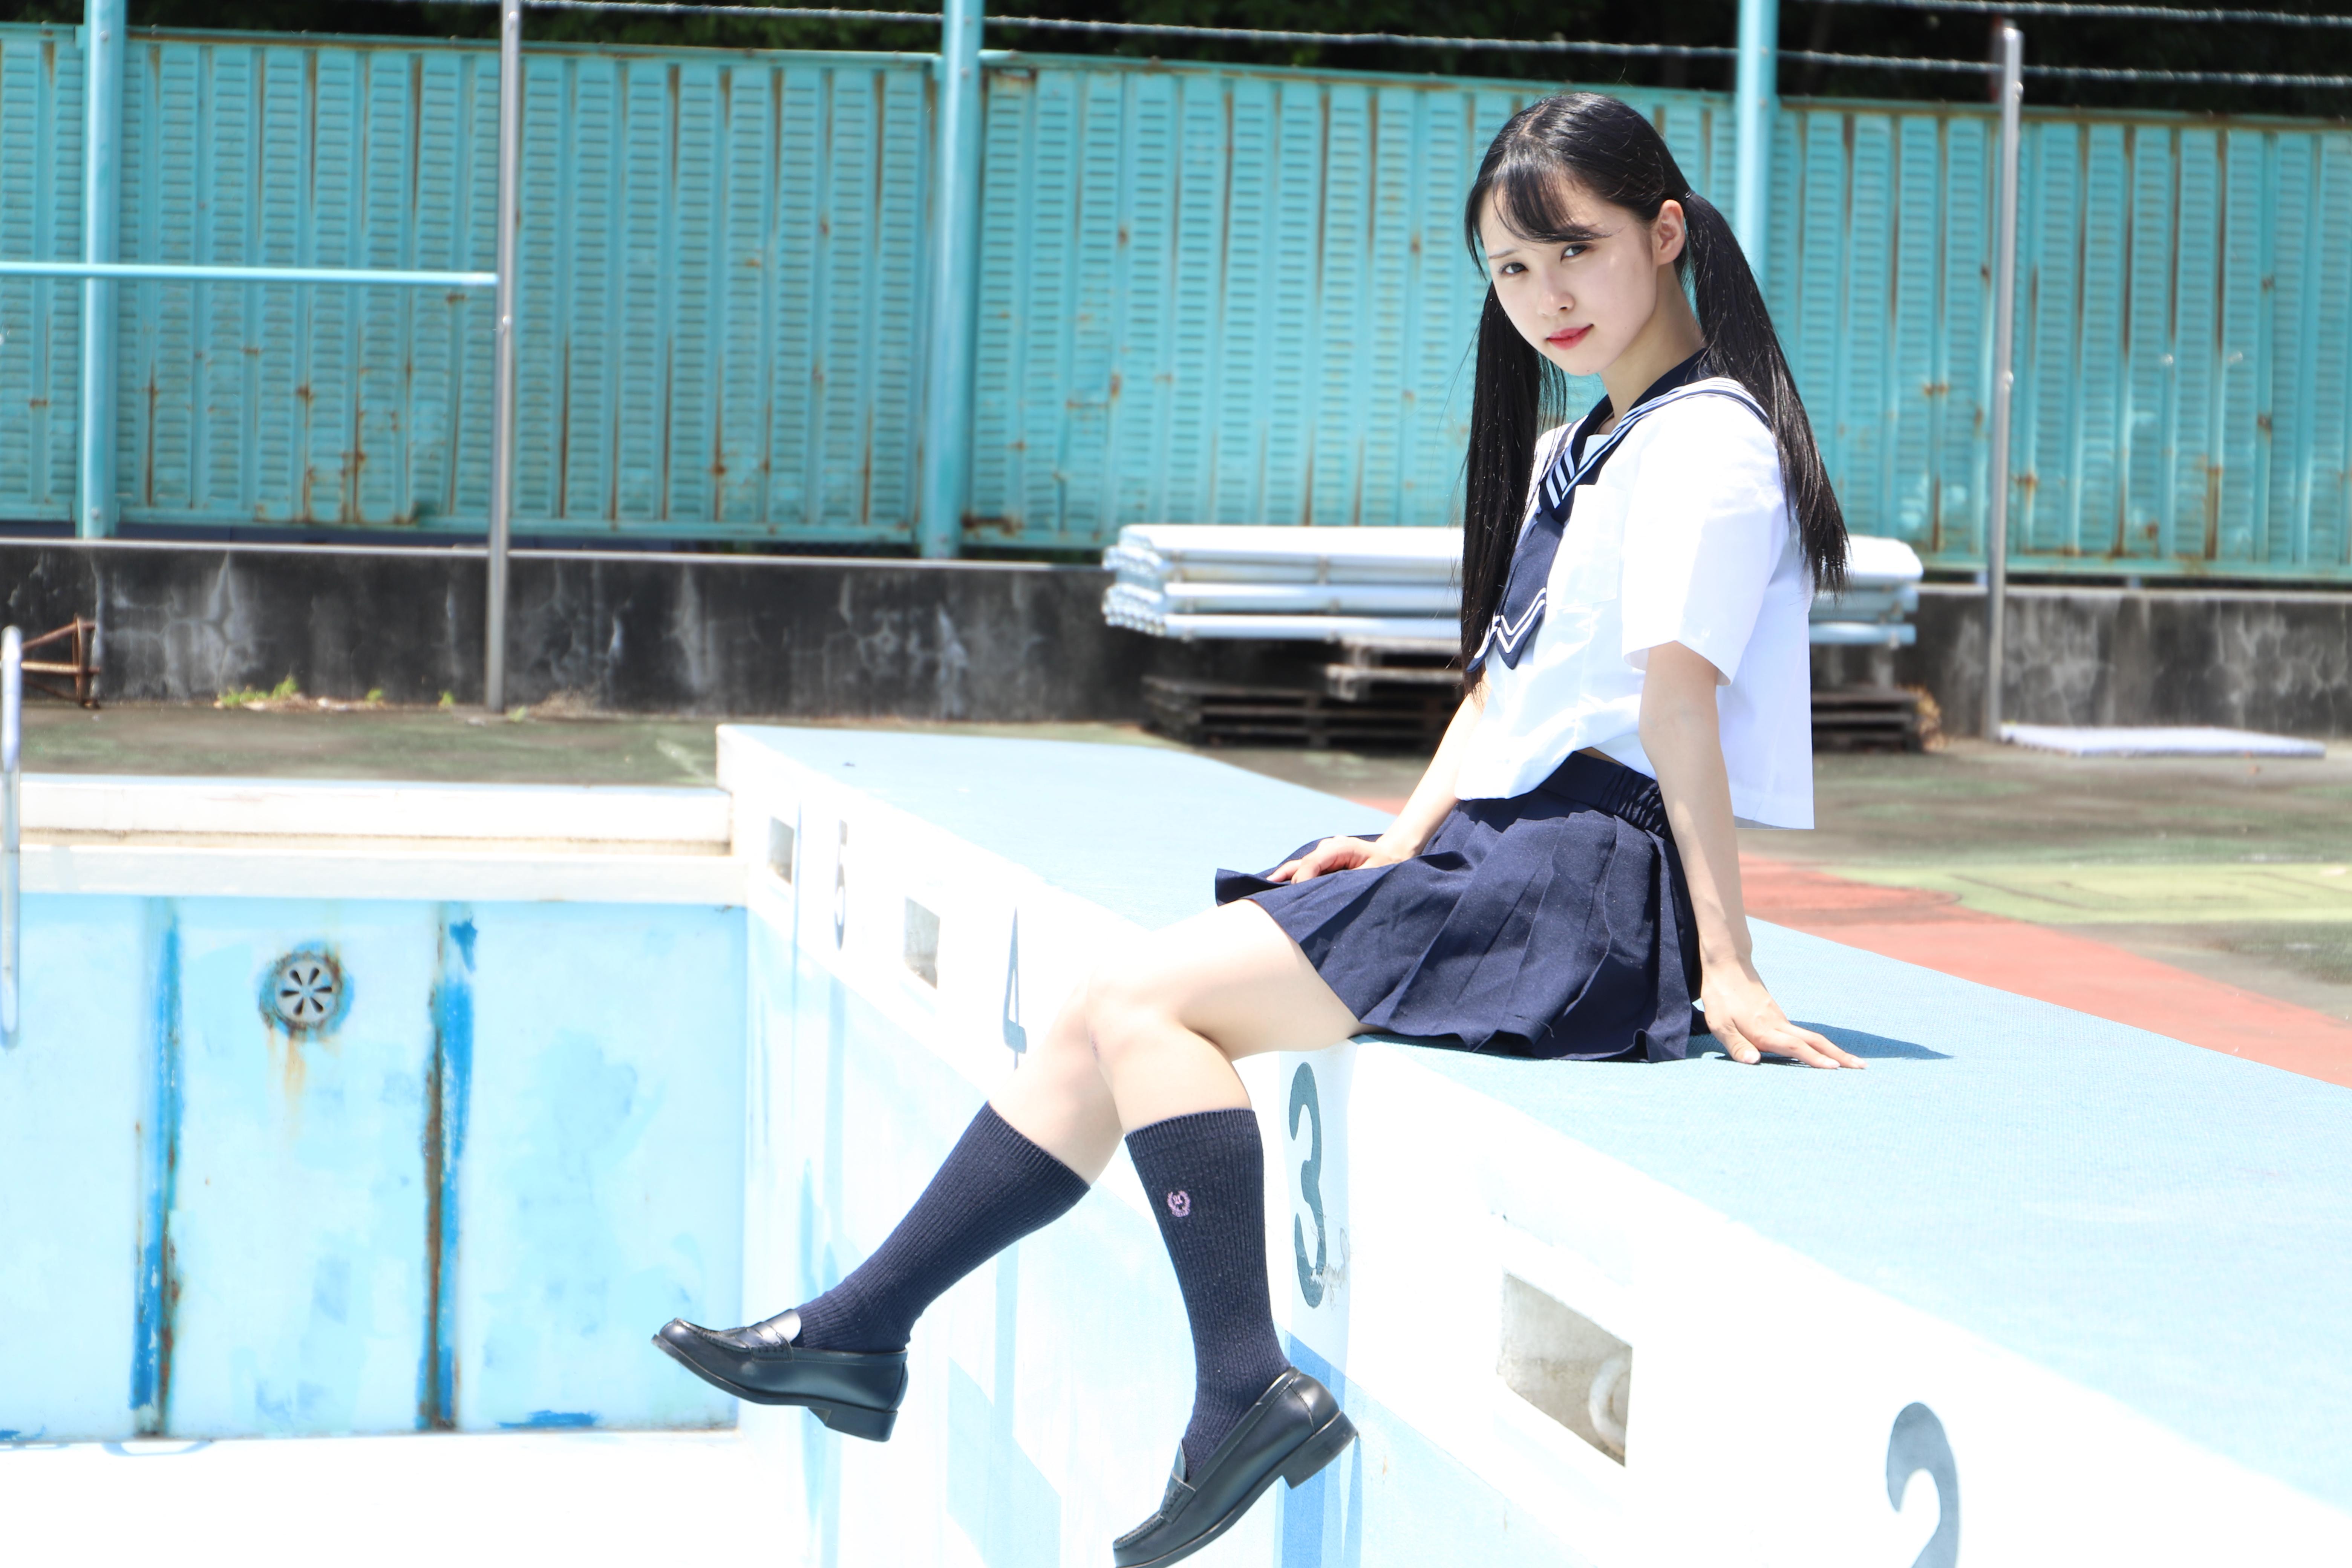 工藤聖奈1st写真集 『Teen's Last Summer』発売&イベント 9/18更新